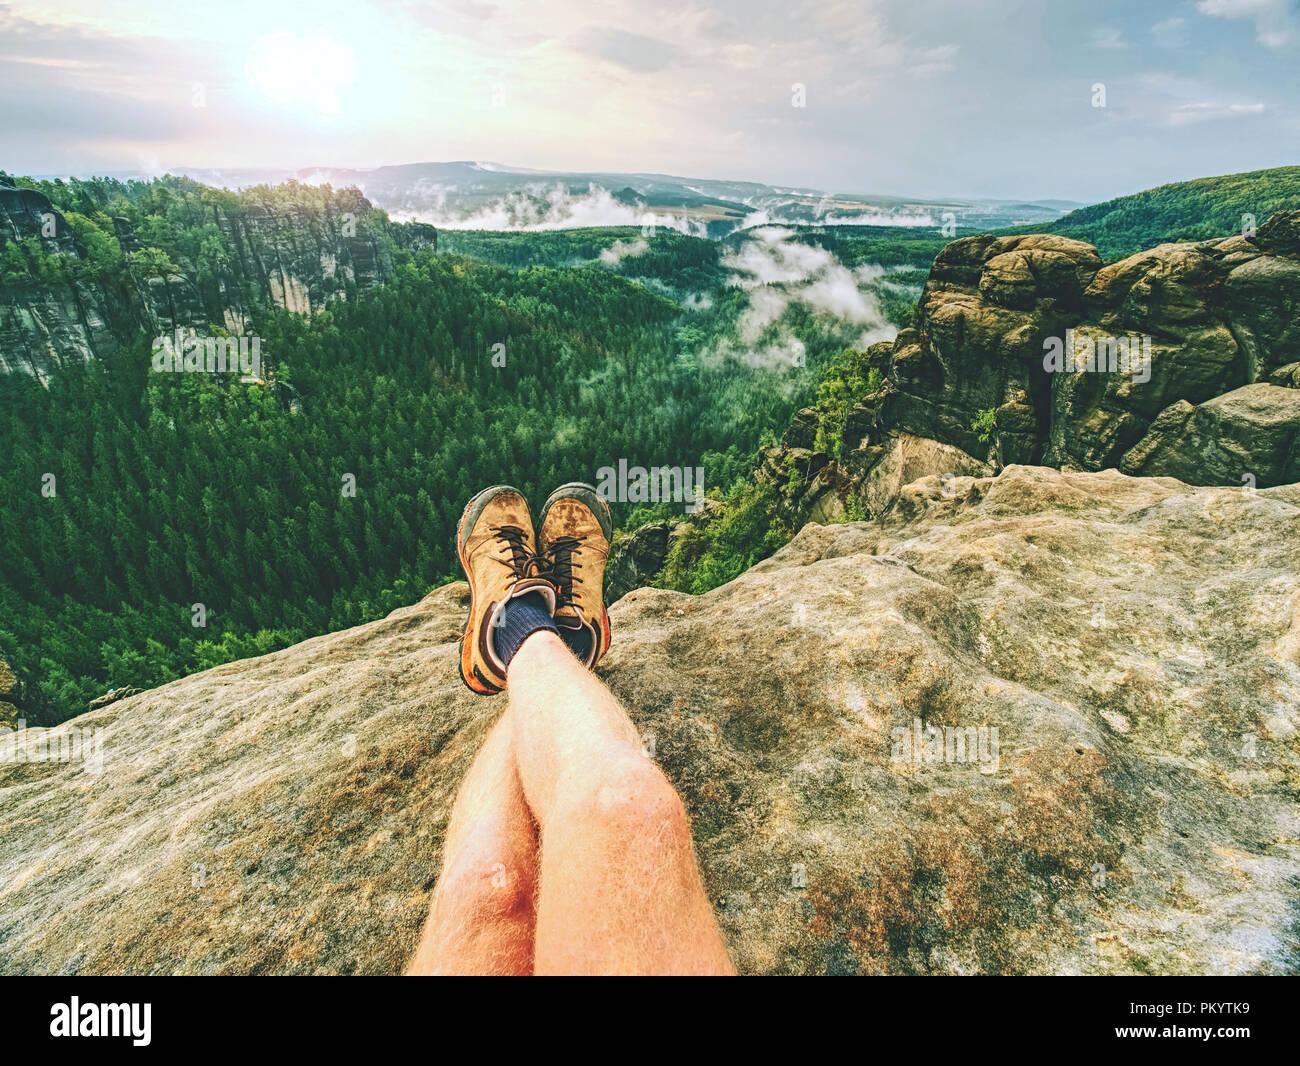 Escursionista uomo prendere un periodo di riposo in montagna. Gambe maschio sul vertice affilati e escursionista godono di una spettacolare vista. Immagini Stock